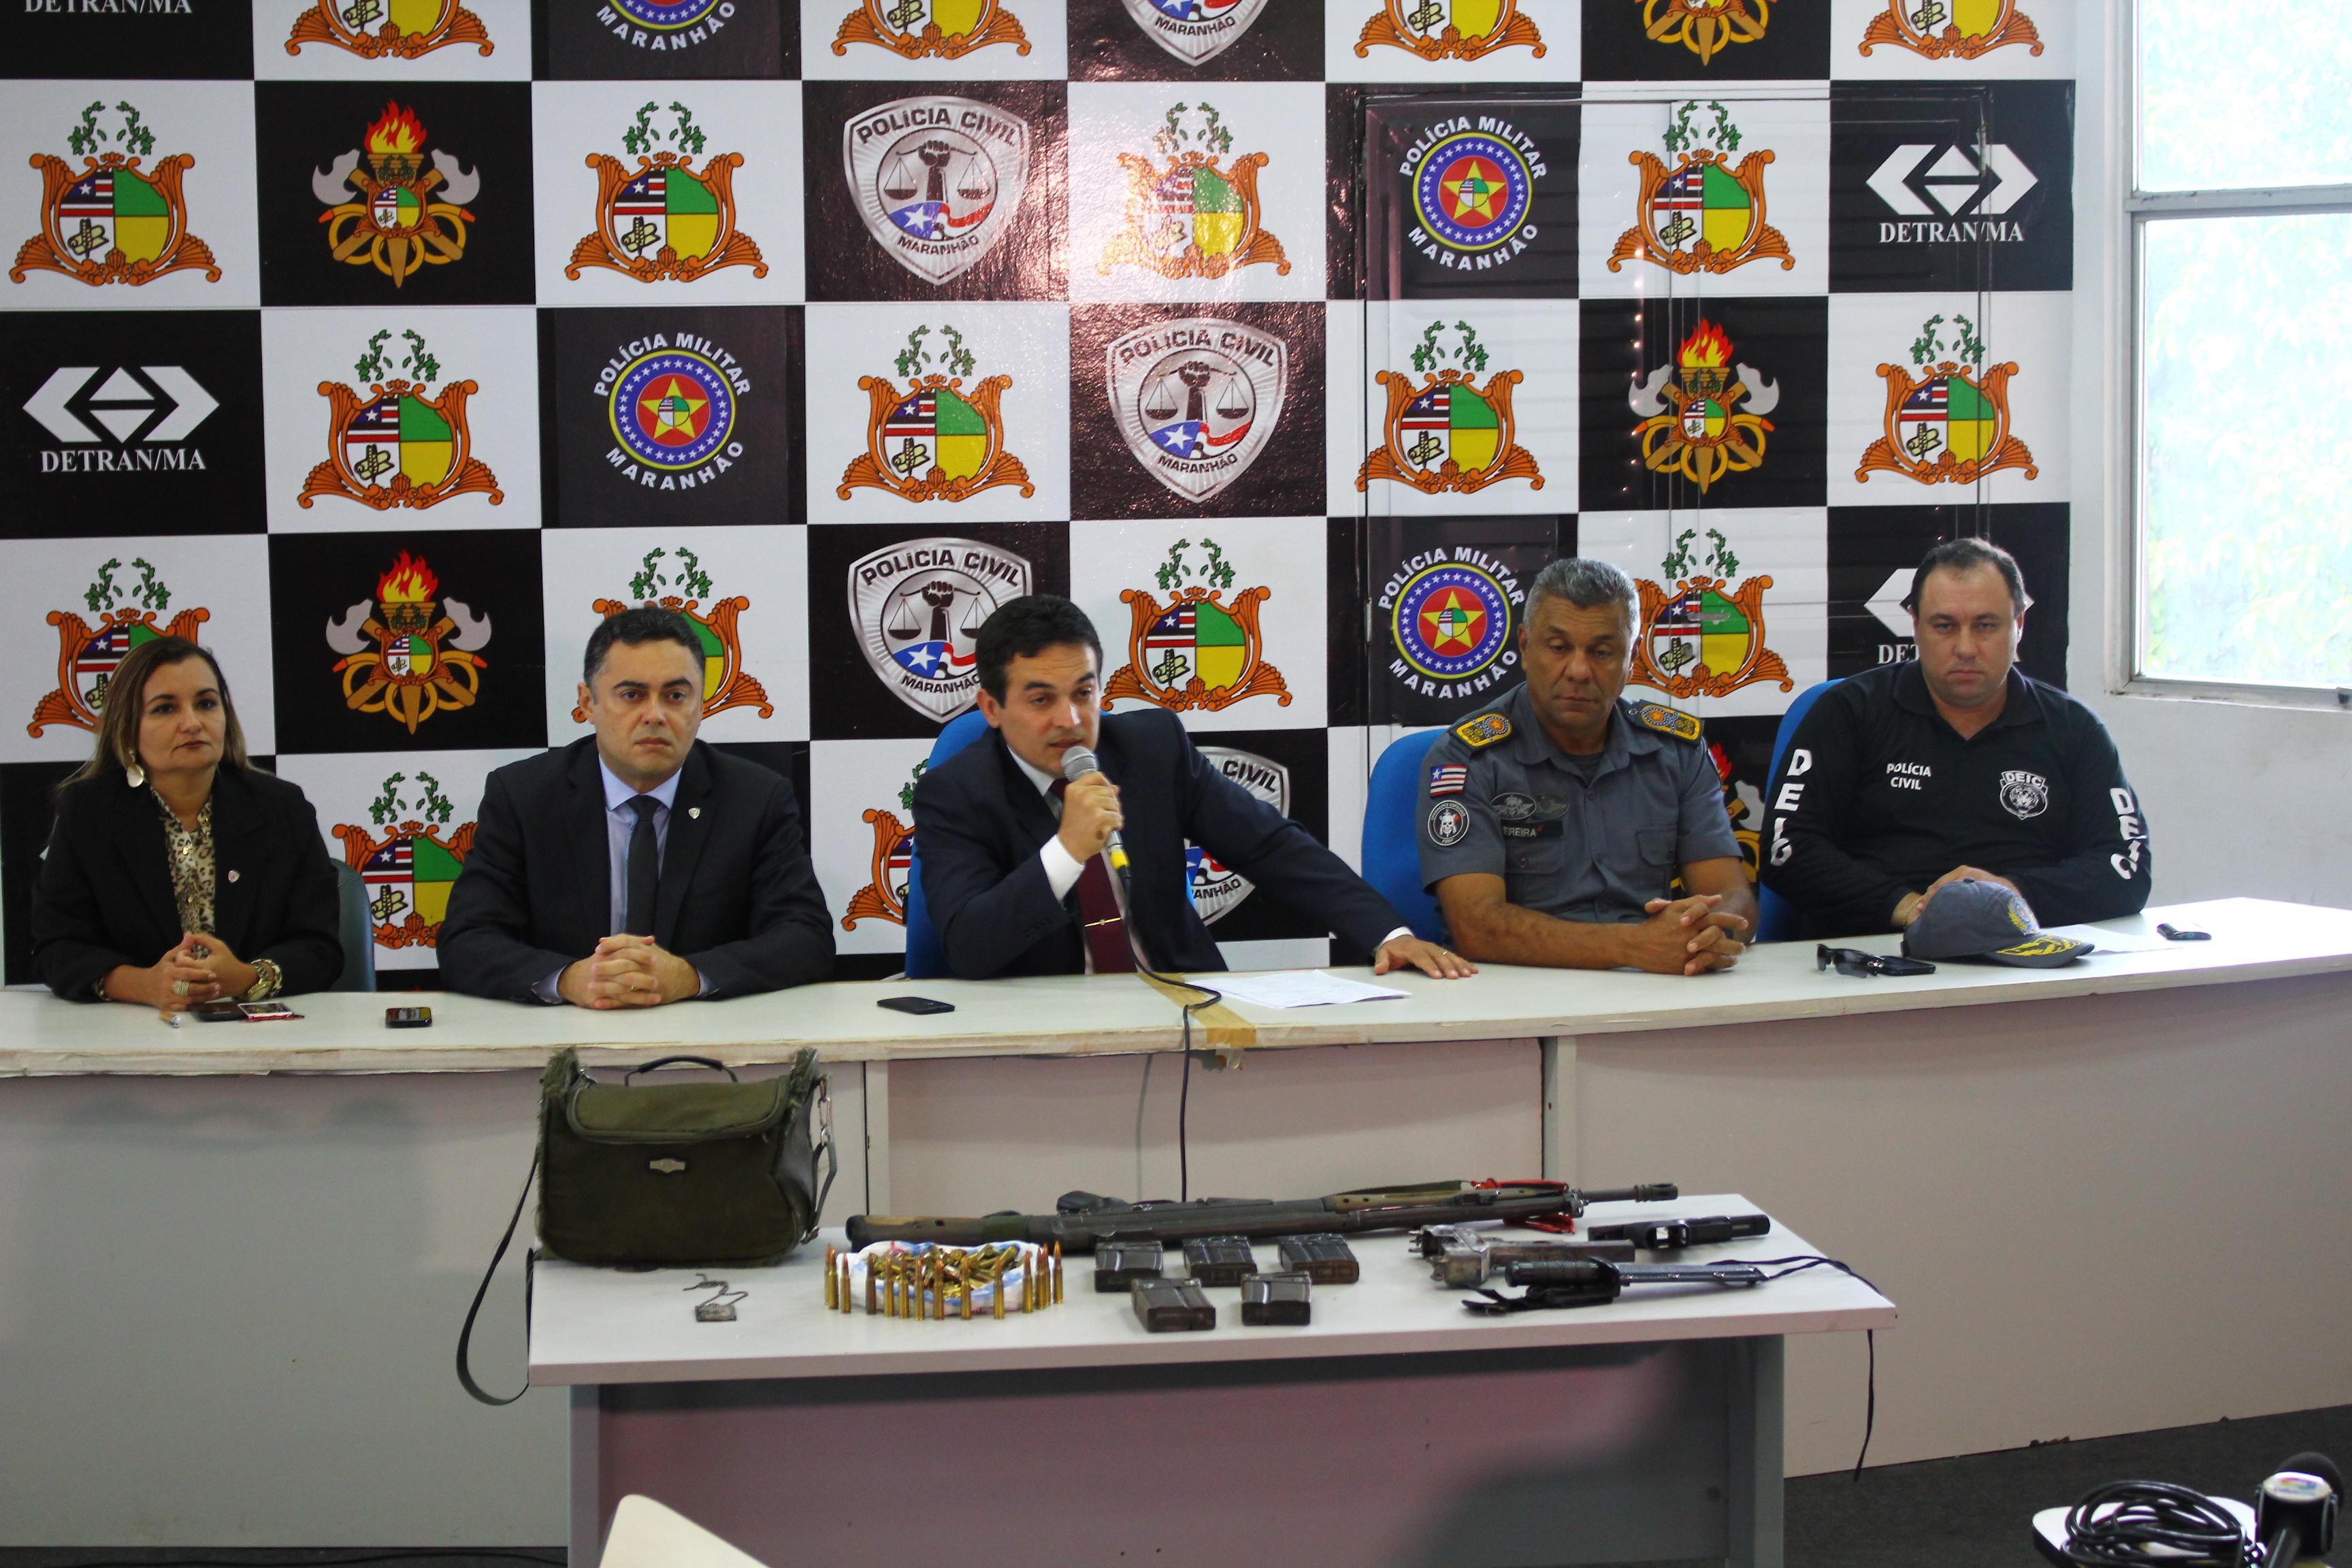 SSP apresenta dois suspeitos da tentativa de assalto à transportadora de valores em Bacabal